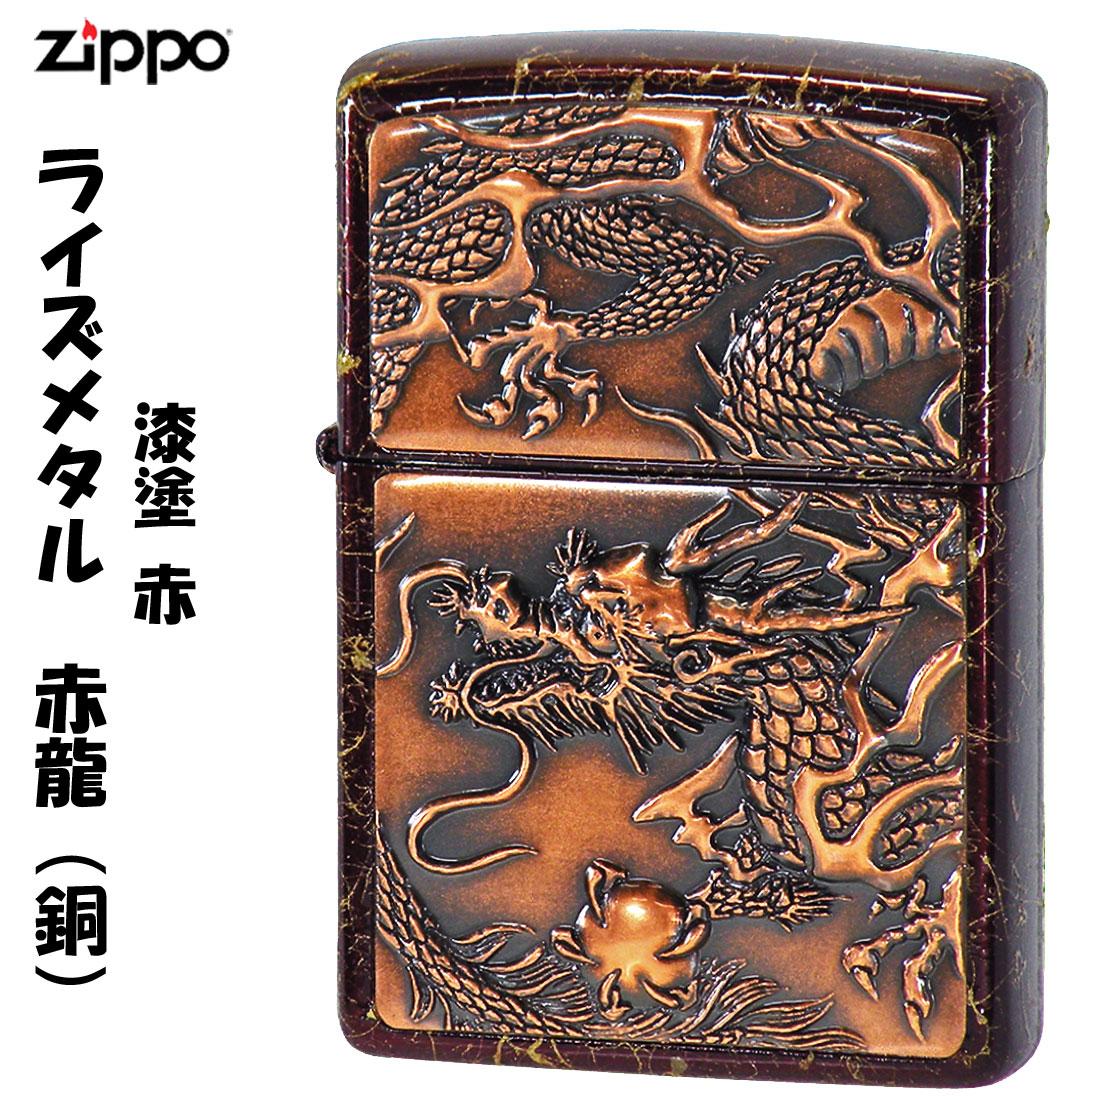 zippo(ジッポーライター)ライズメタル銅 赤龍ドラゴン金乱糸塗 赤漆画像